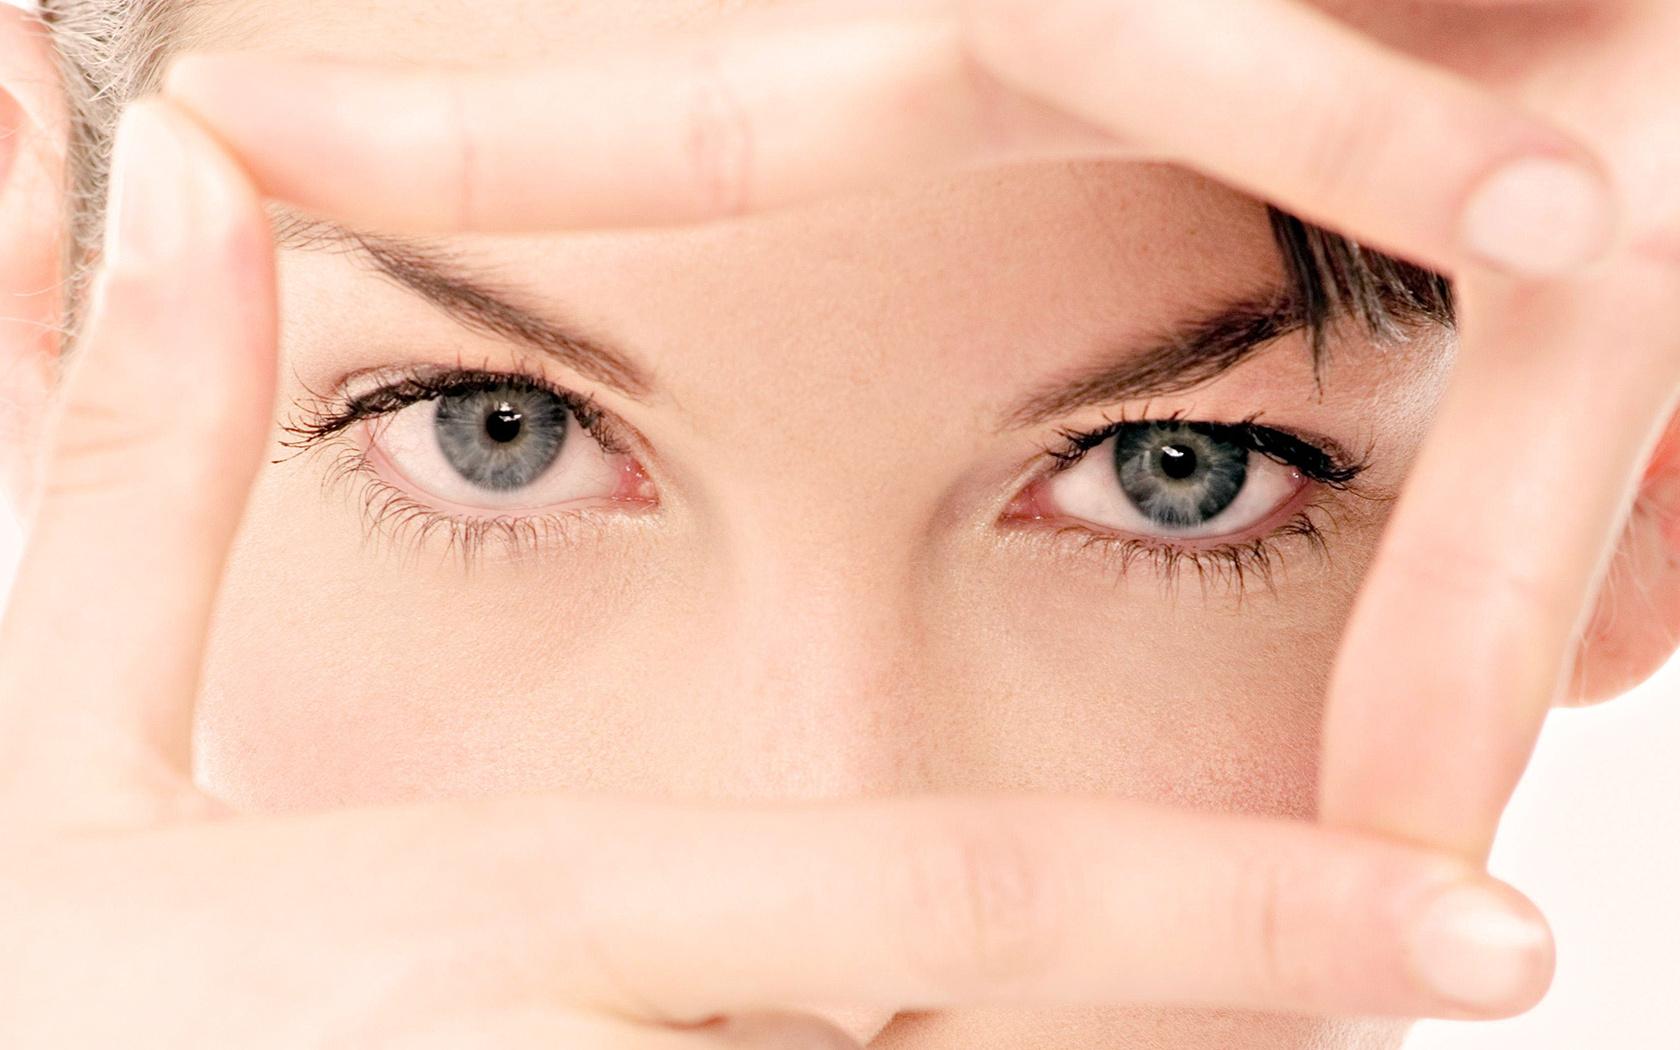 БАДы как средство борьбы с заболеваниями глаз